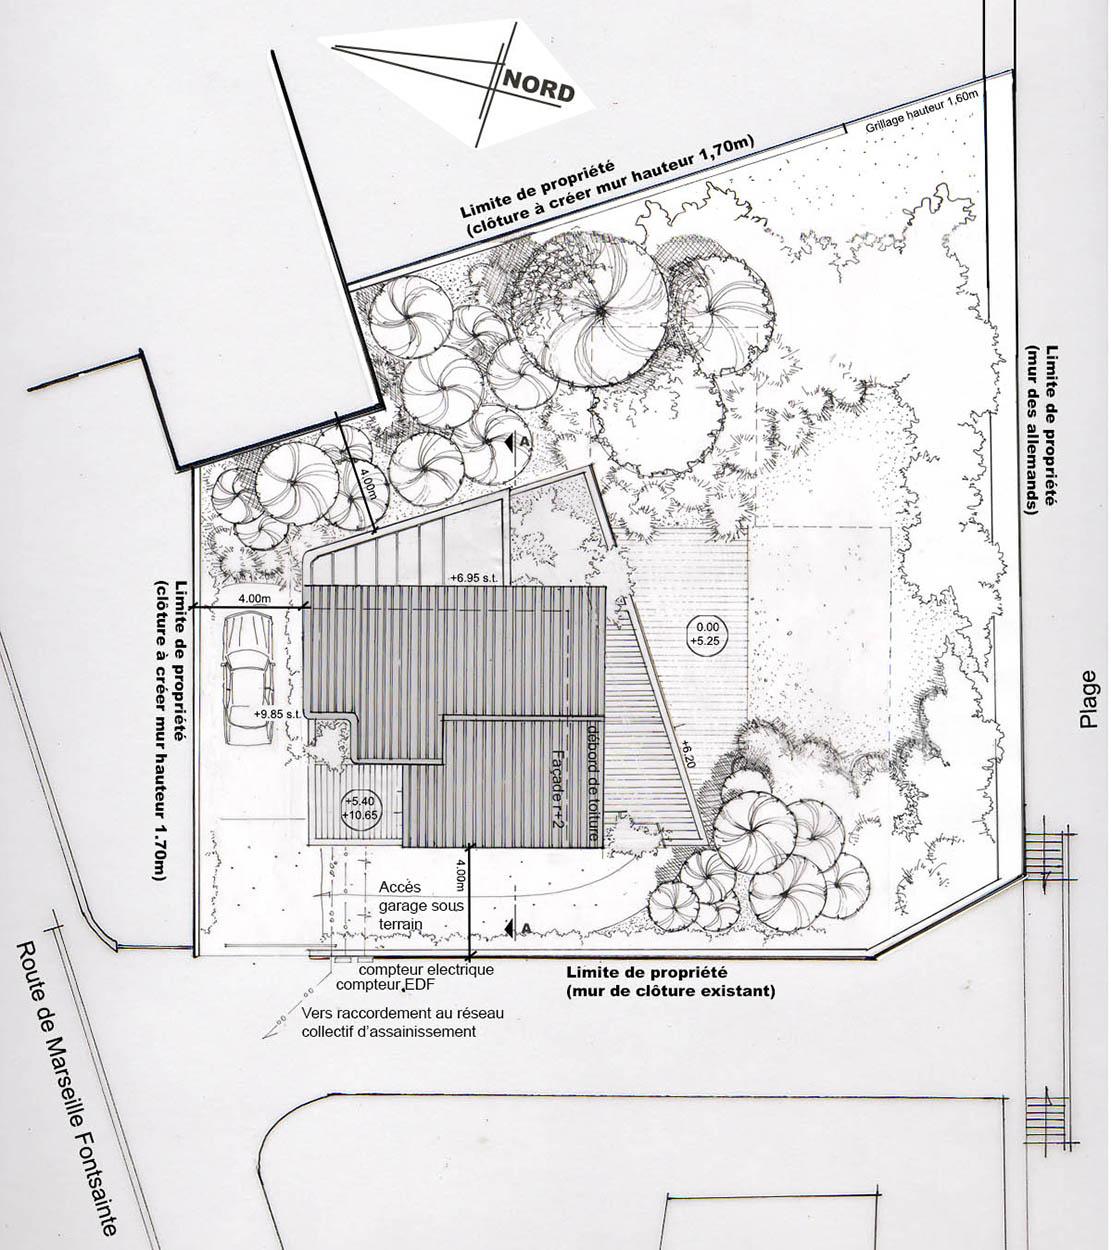 Architecte la ciotat cr ation d 39 une maison - Plan de masse d une maison ...